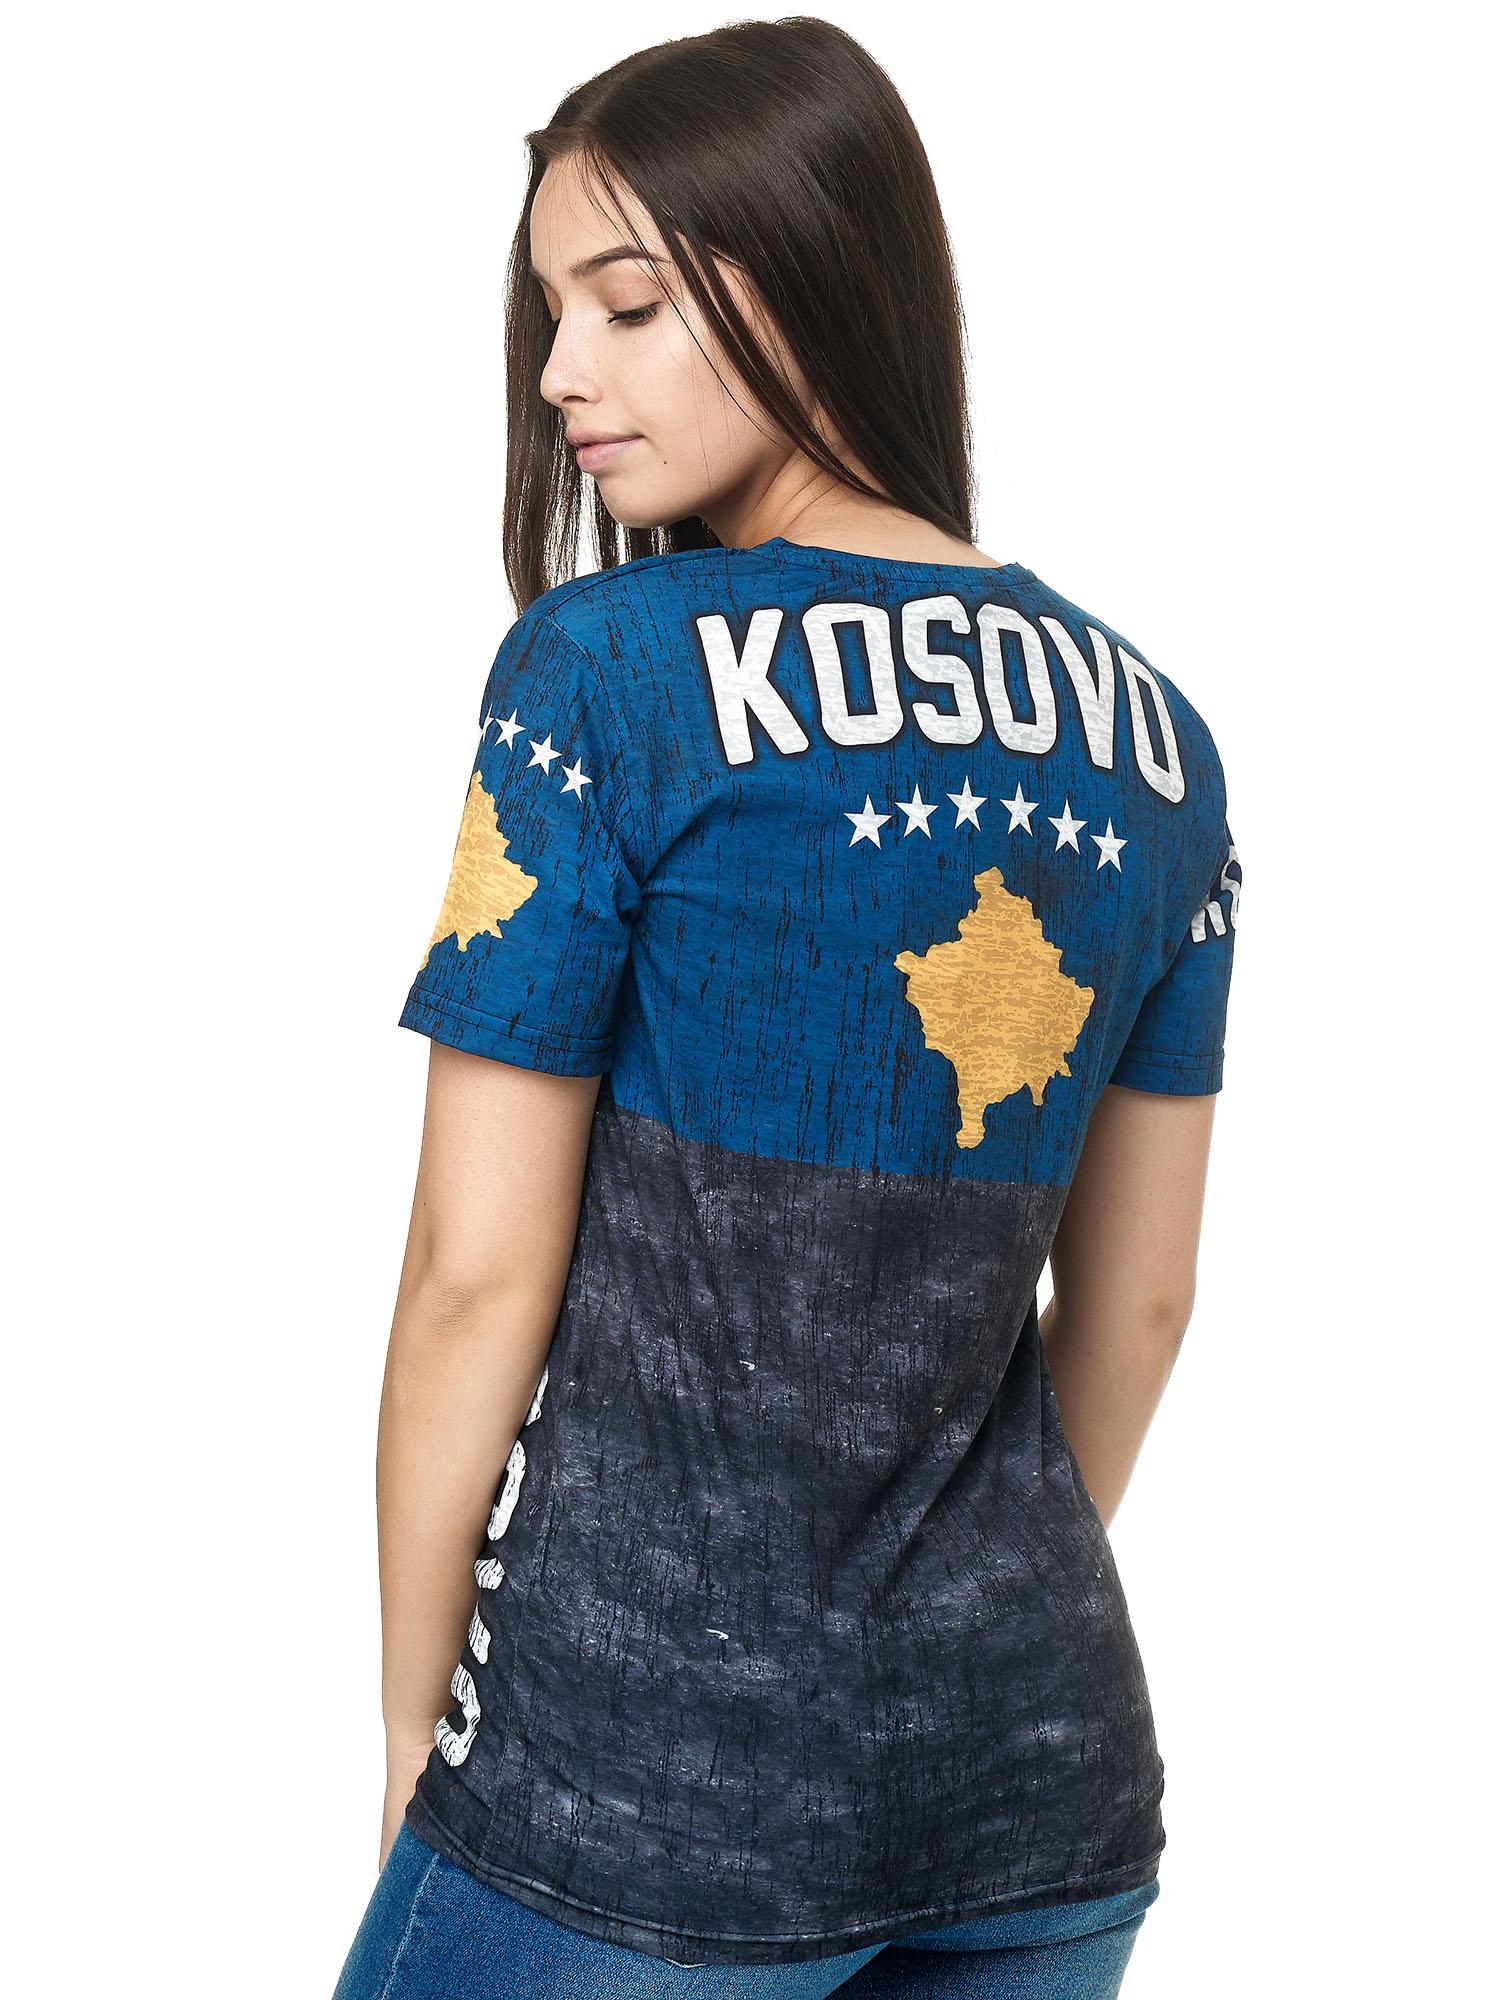 Paesi-da-Donna-T-shirt-A-Maniche-Corte-Girocollo-donne-CALCIO-Fanshirt-John-Kayna miniatura 79